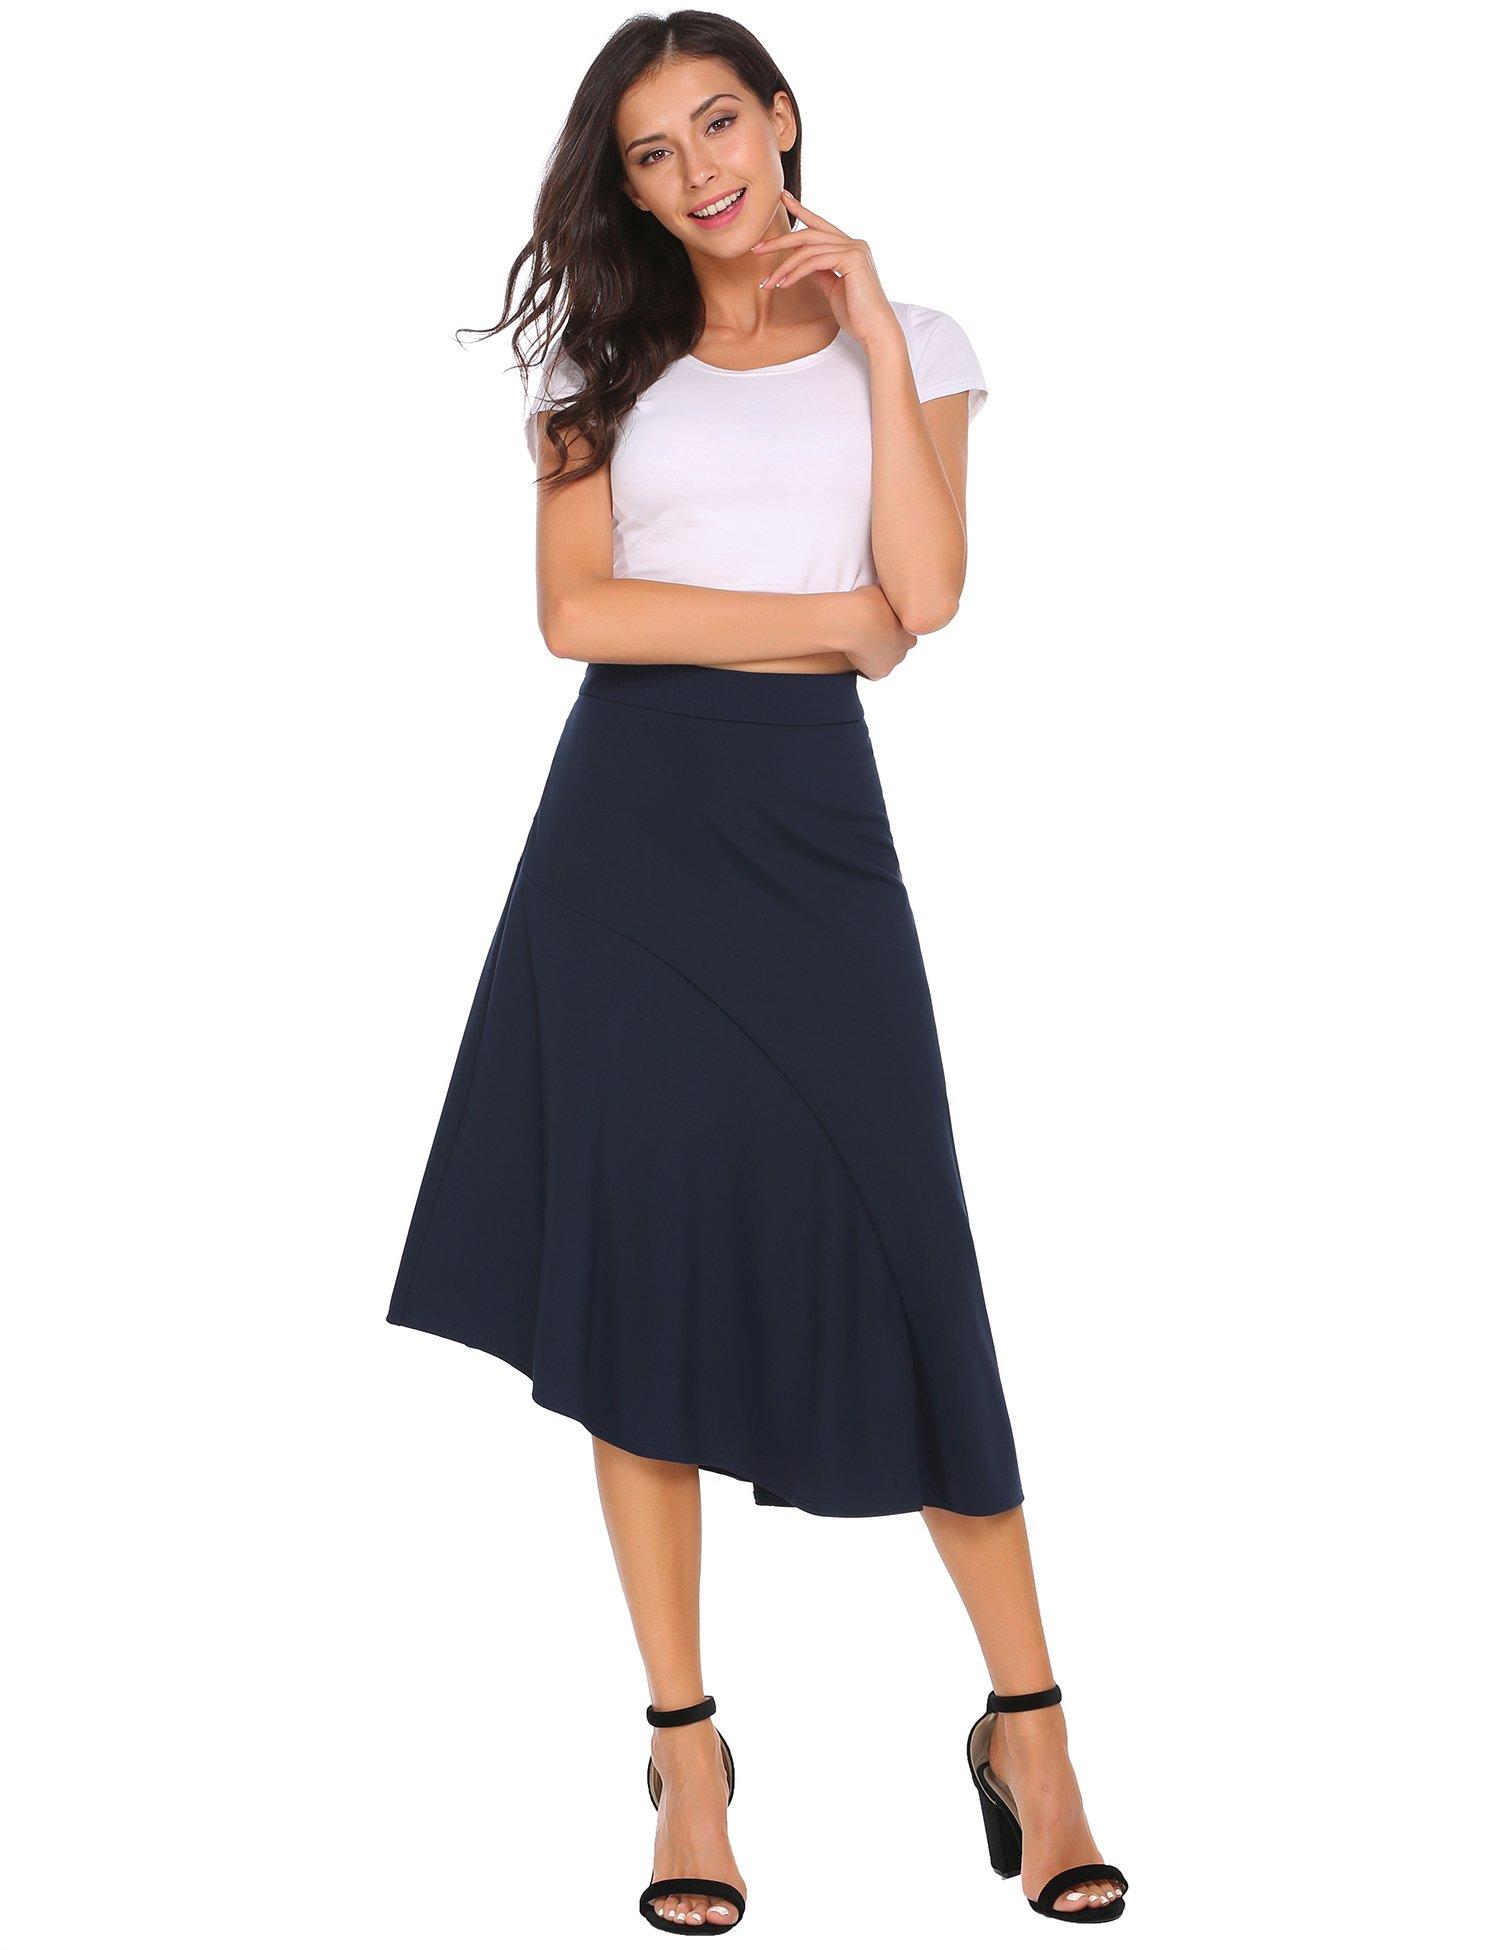 Zeagoo Elastic Waist Women's Asymmetrical High Low Skirt Navy Blue L